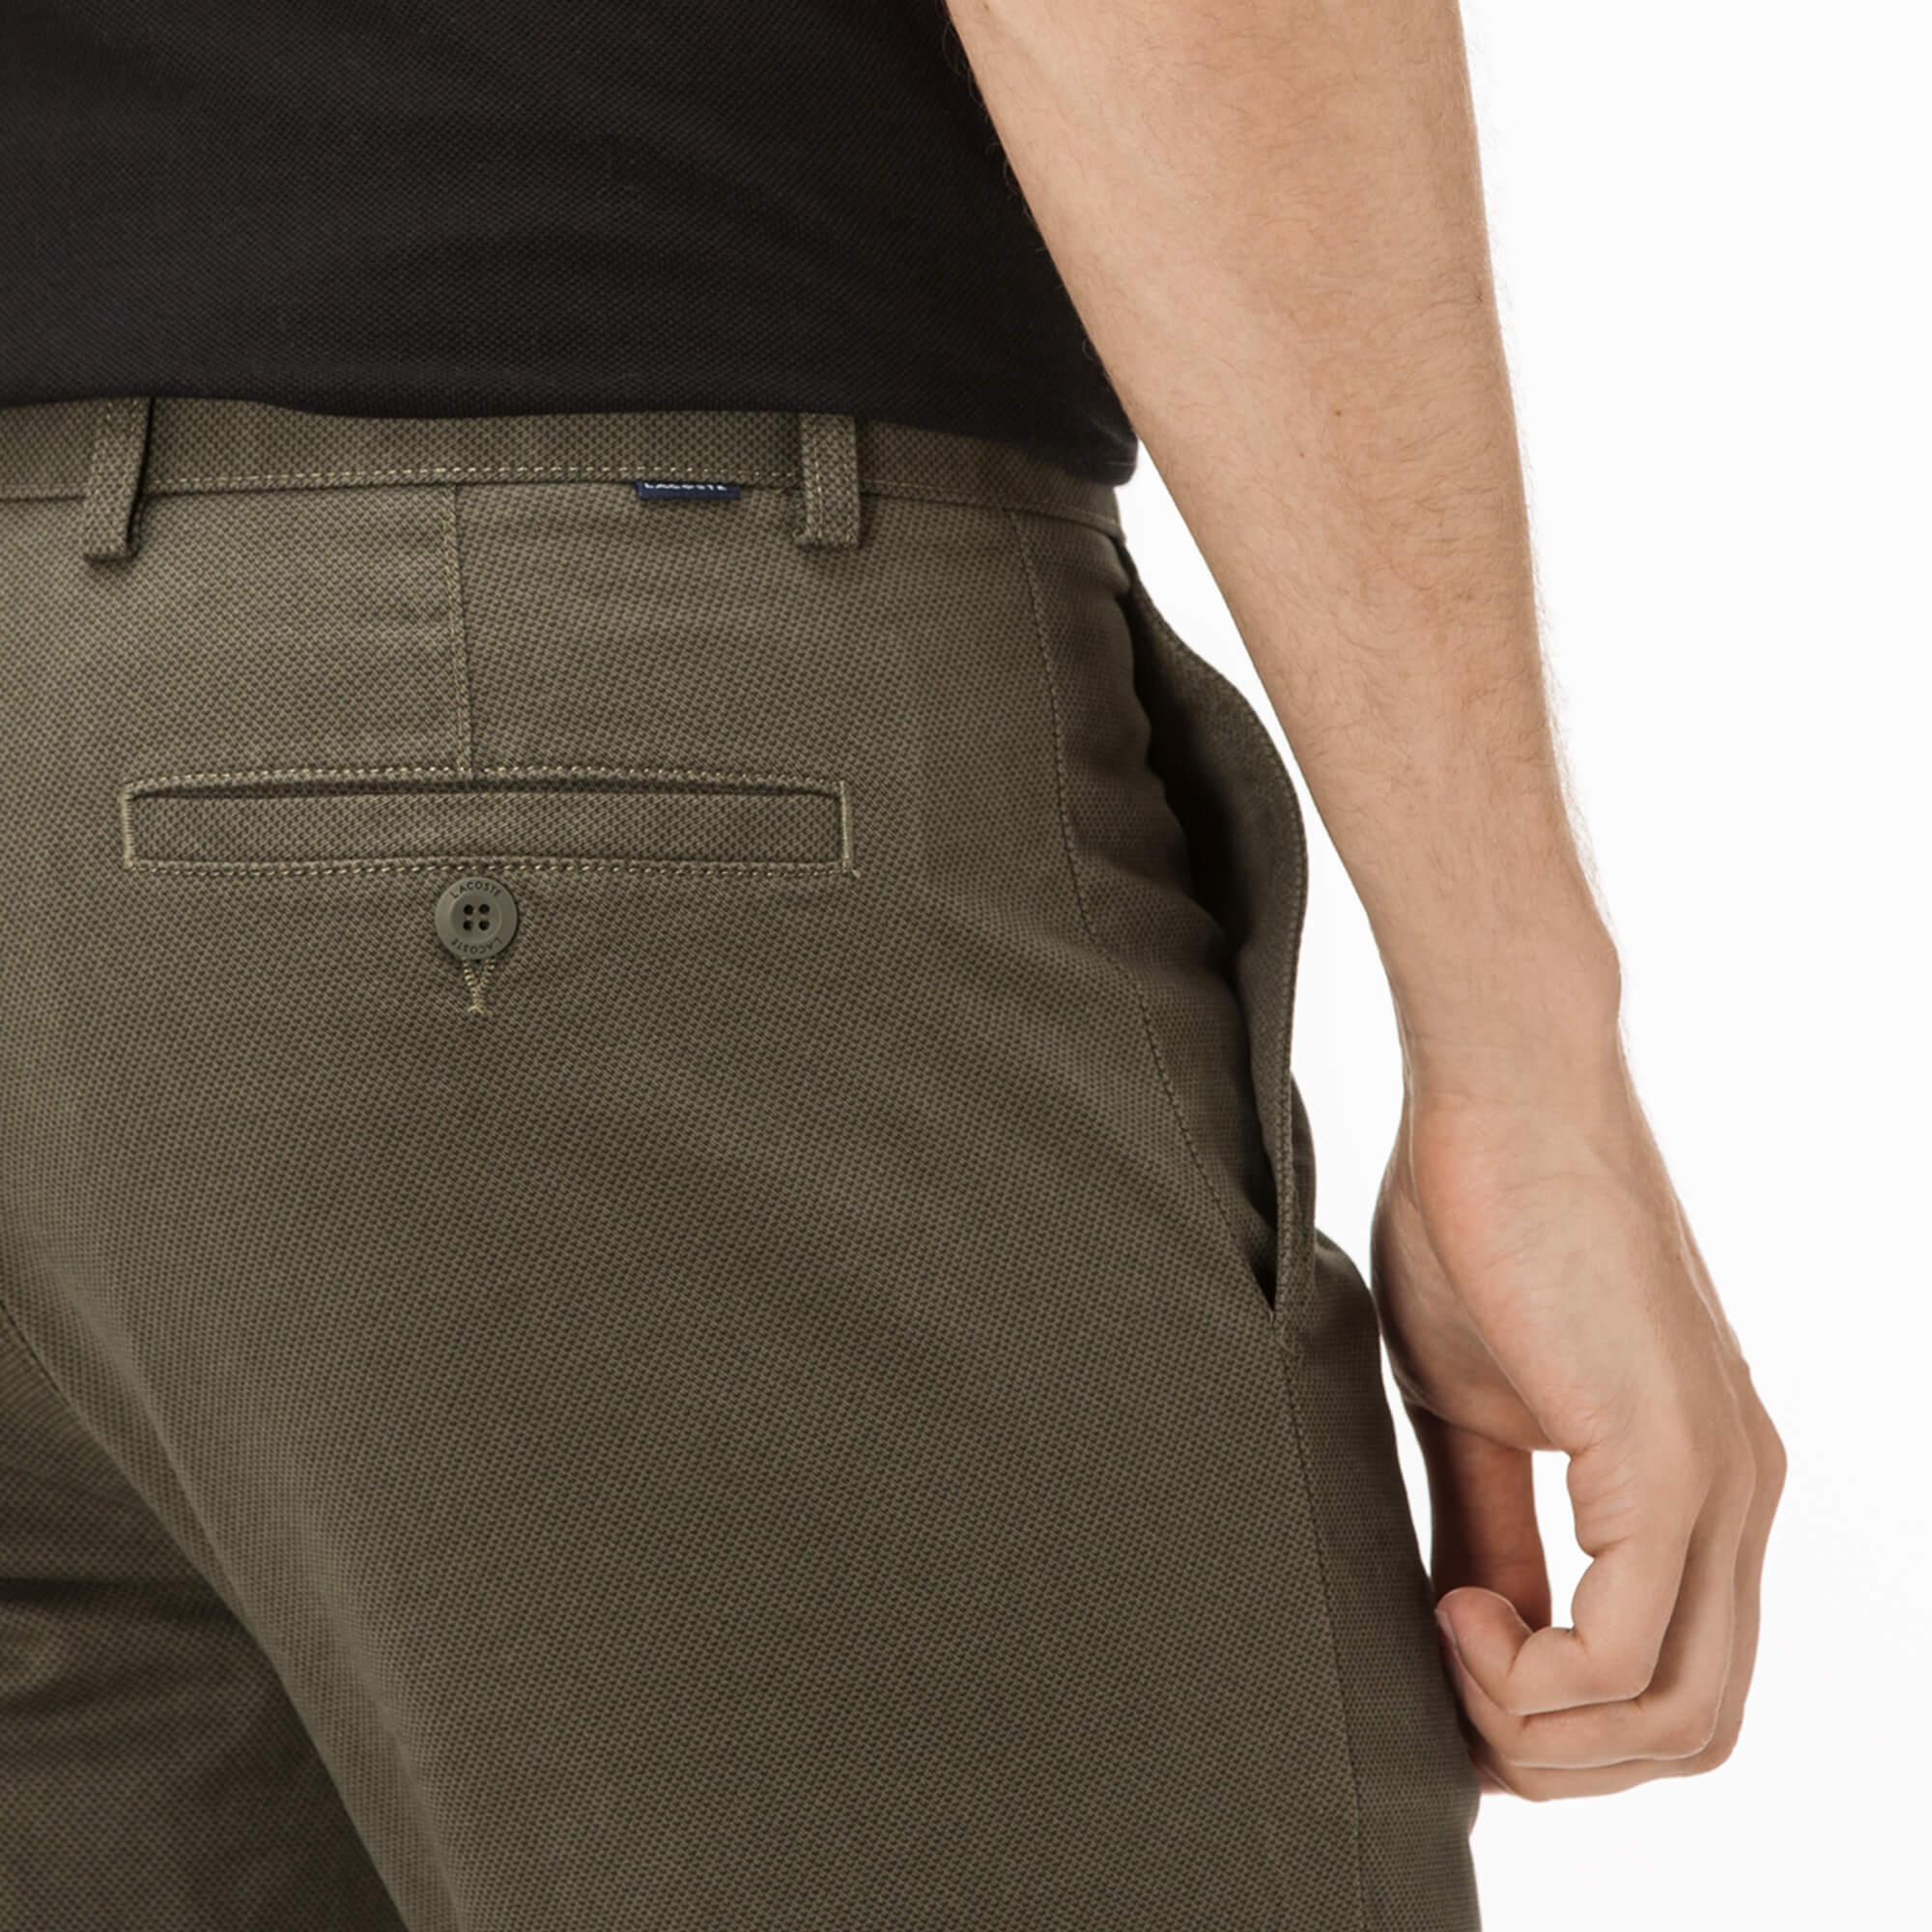 Lacoste Erkek Slim Fit Streç Pamuklu Haki Chino Pantolon